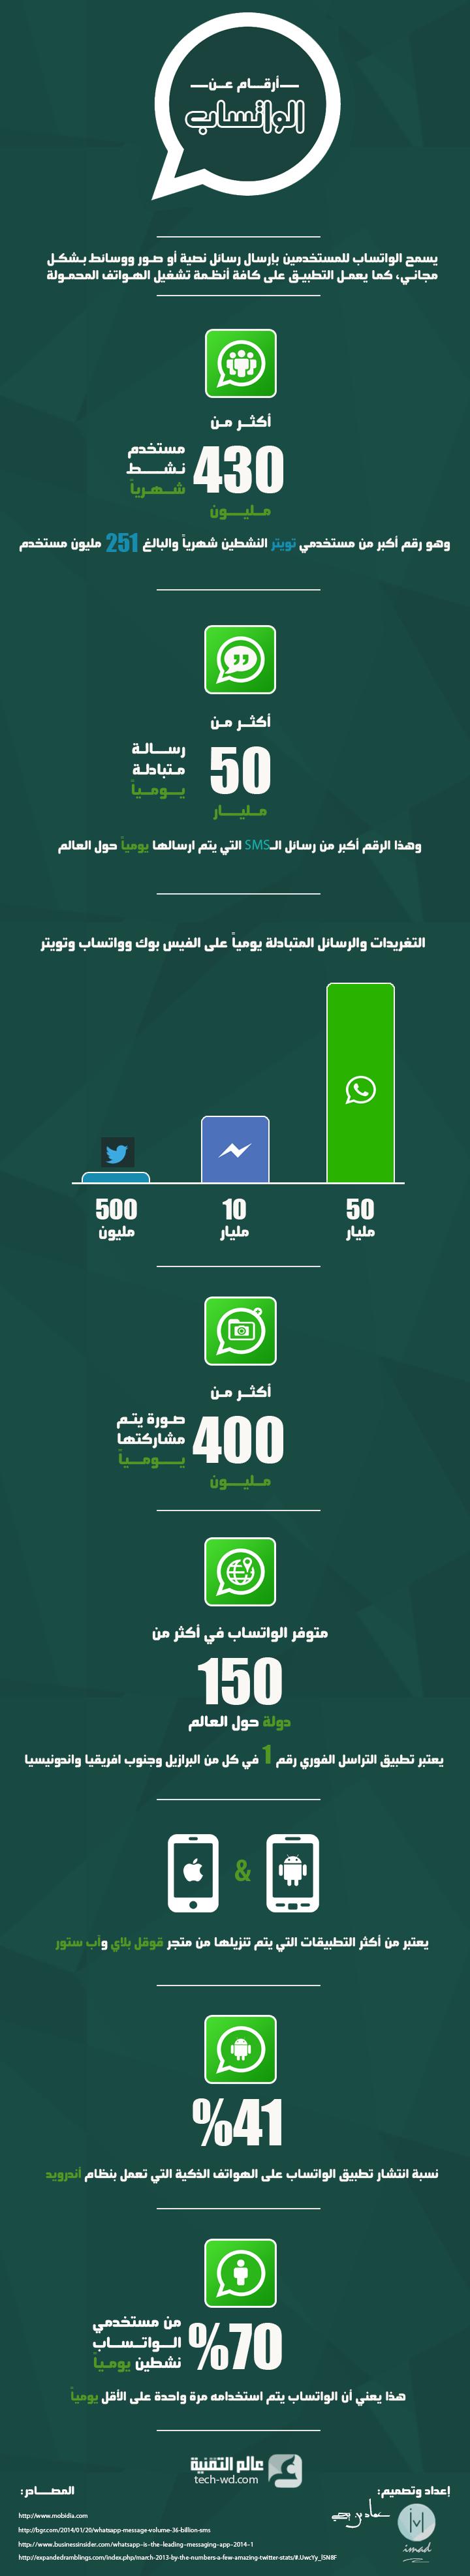 إحصائيات عن الواتساب 2014 #انفوجرافيك